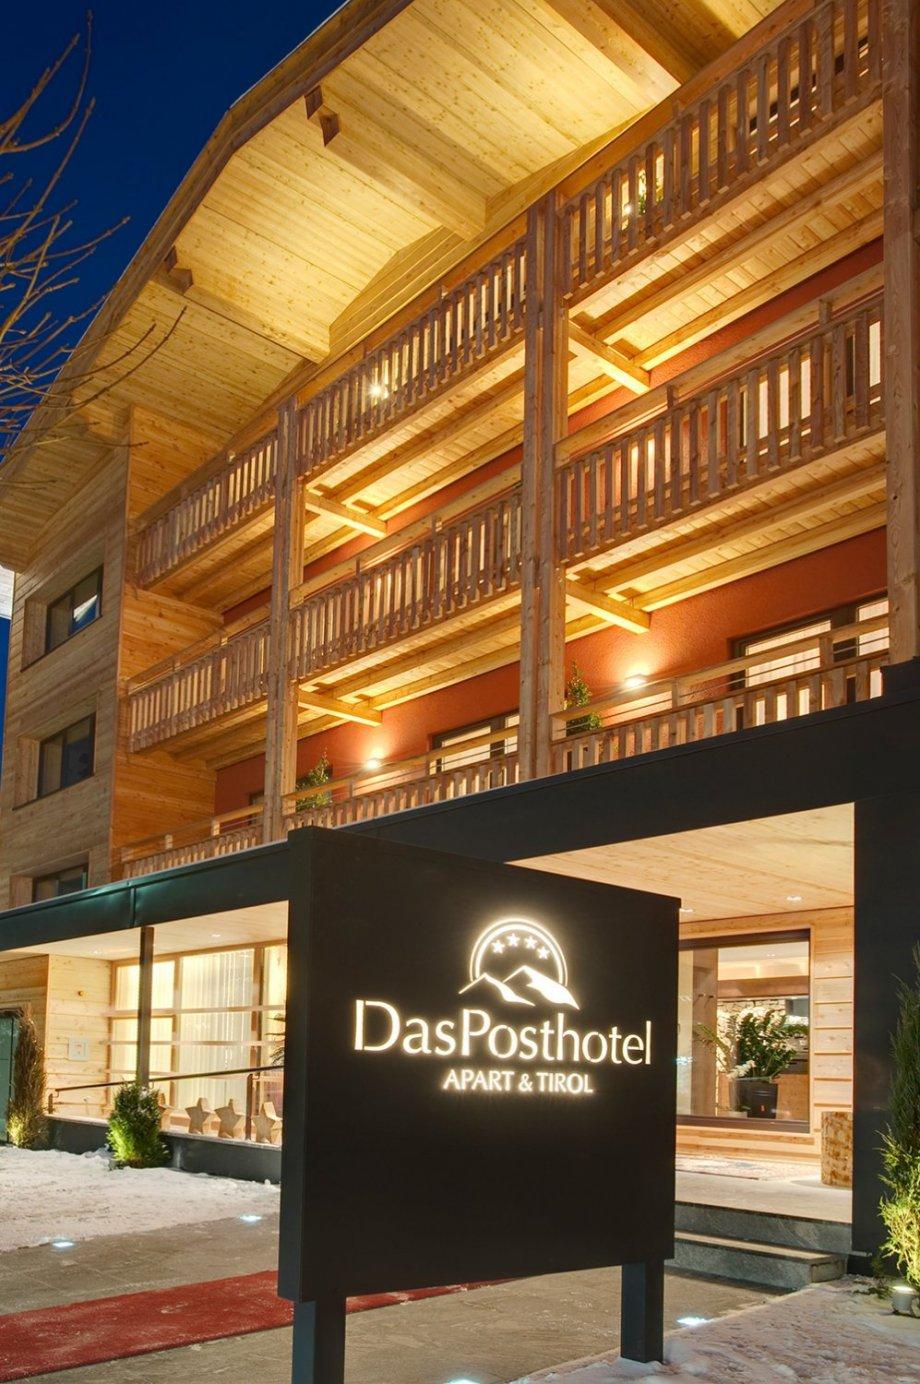 103 zillertal design hotel hotel waldheim in mayrhofen im zillertal hotel design hotels in. Black Bedroom Furniture Sets. Home Design Ideas